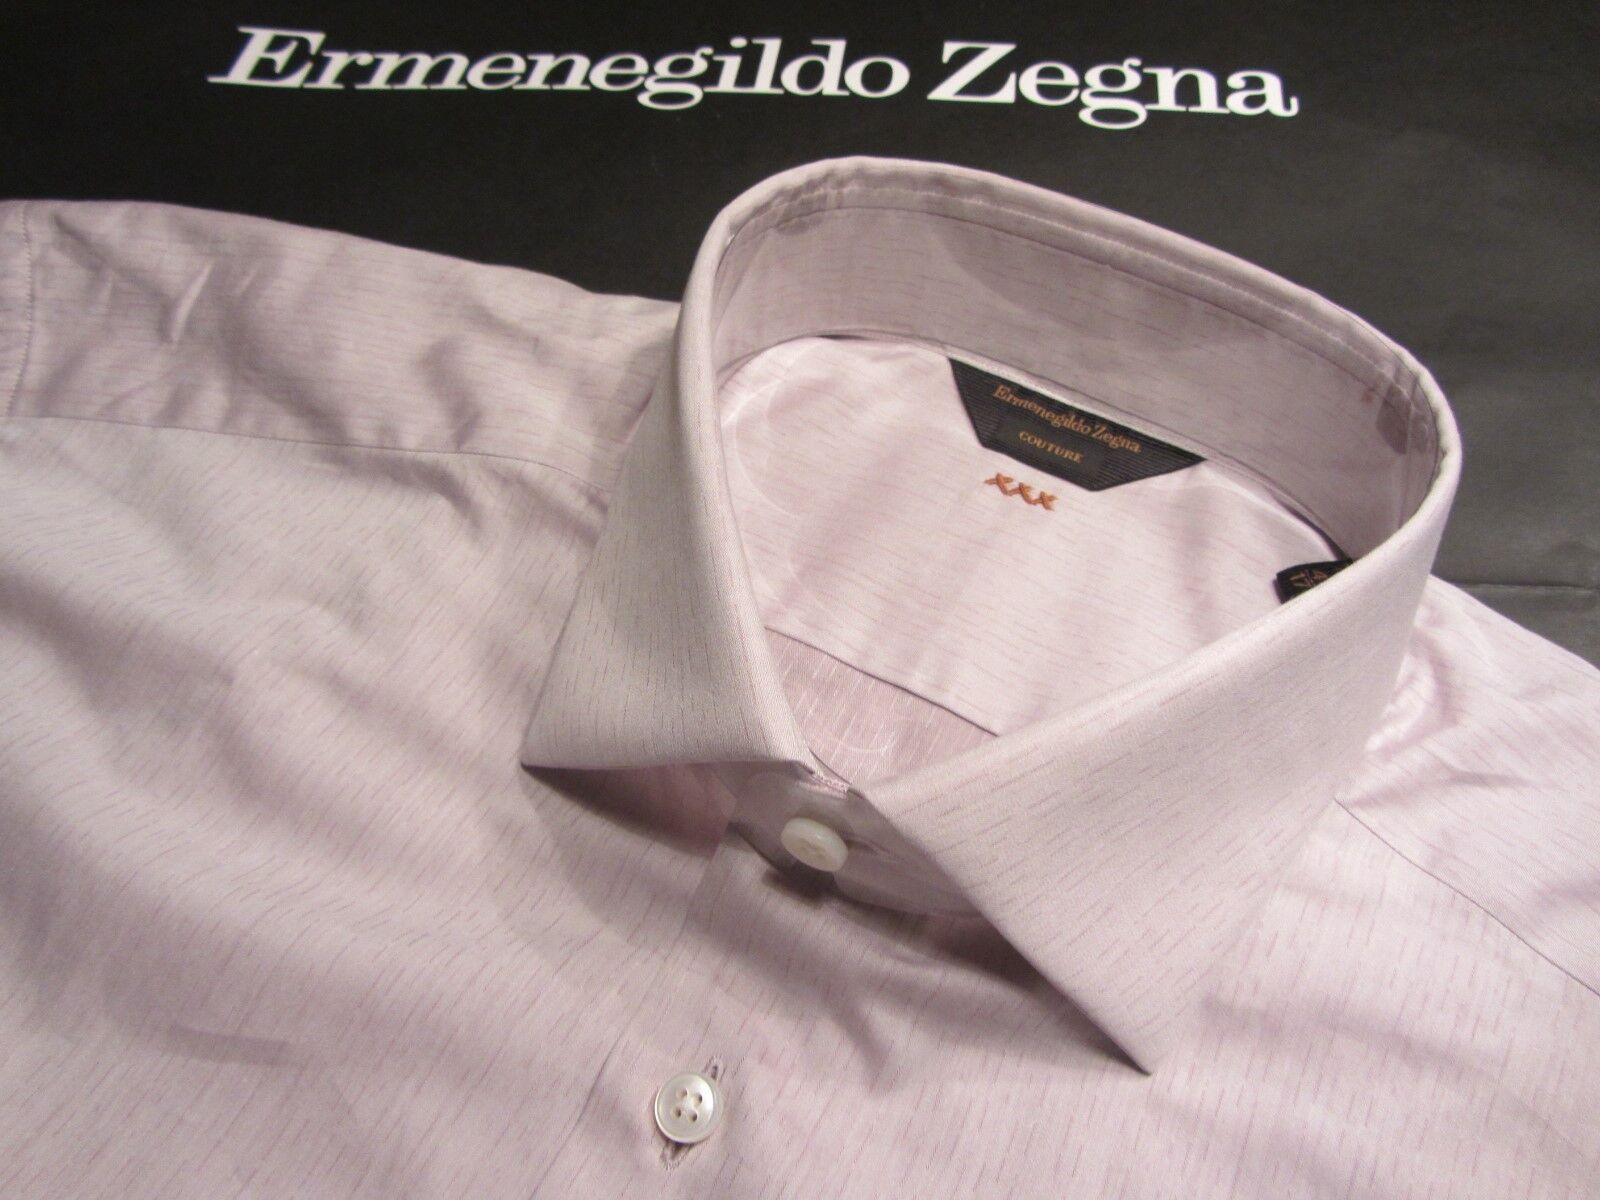 Ermenegildo Zegna COUTURE 44 17,5 Inch. AUSGEFALLEN SCHÖN+EINMALIG     0957